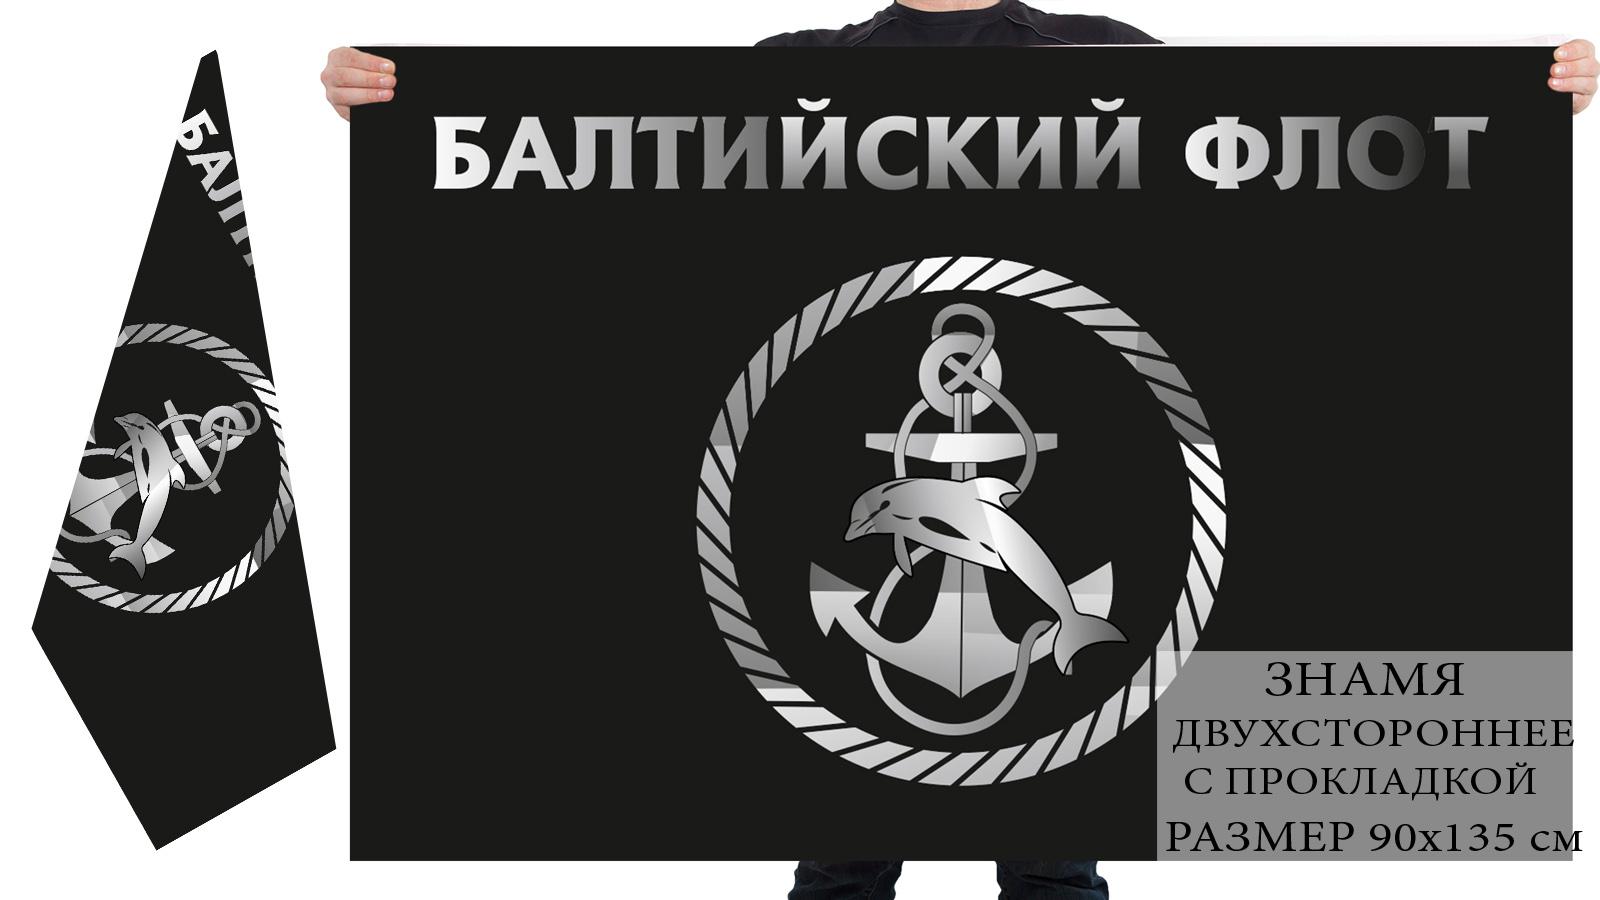 Двустороннее знамя Балтийского флота